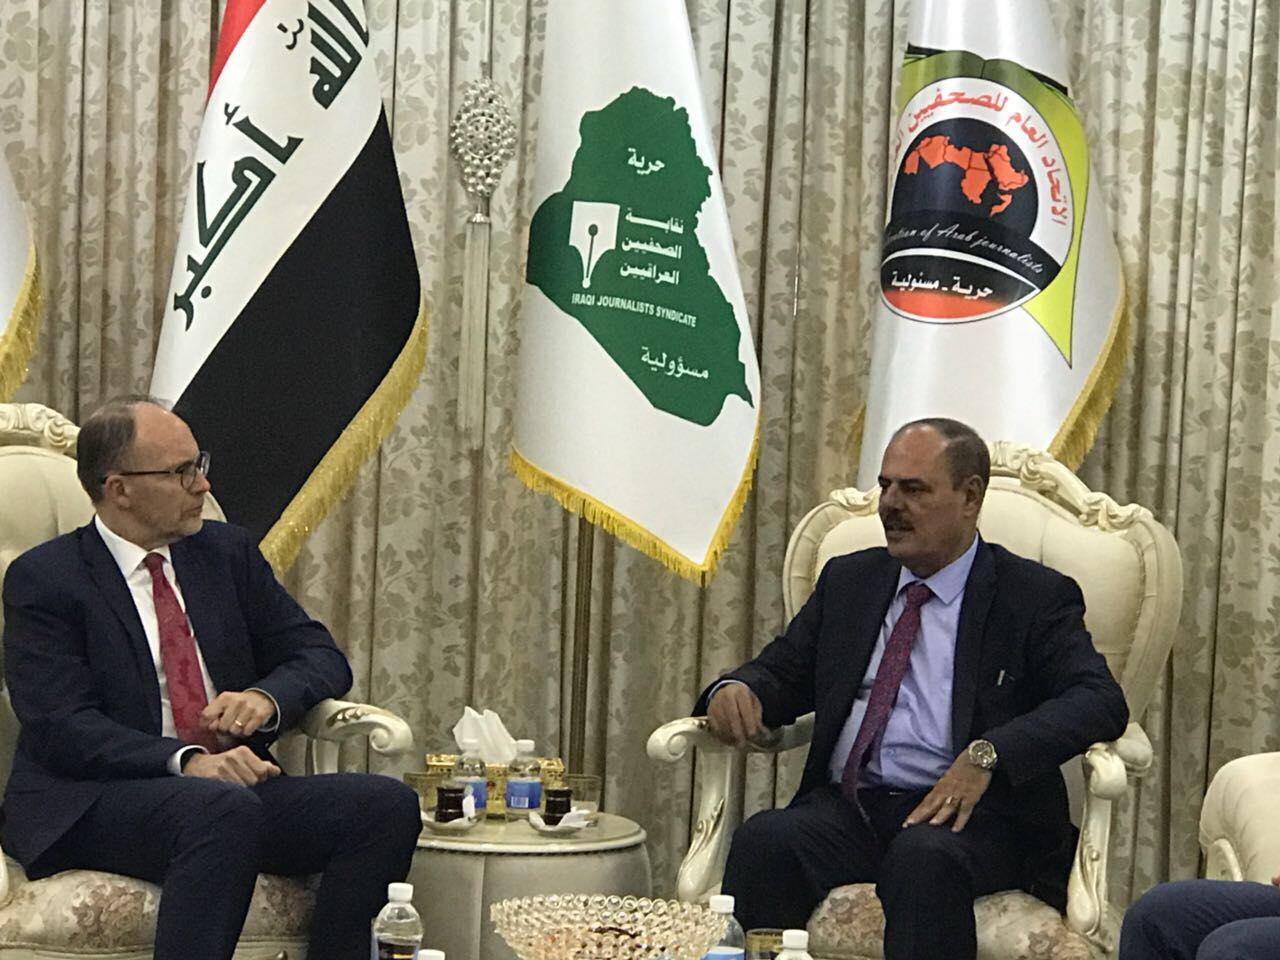 السفير الأمريكي في العراق يؤكد ضرورة المشاركة في الانتخابات المقبلة